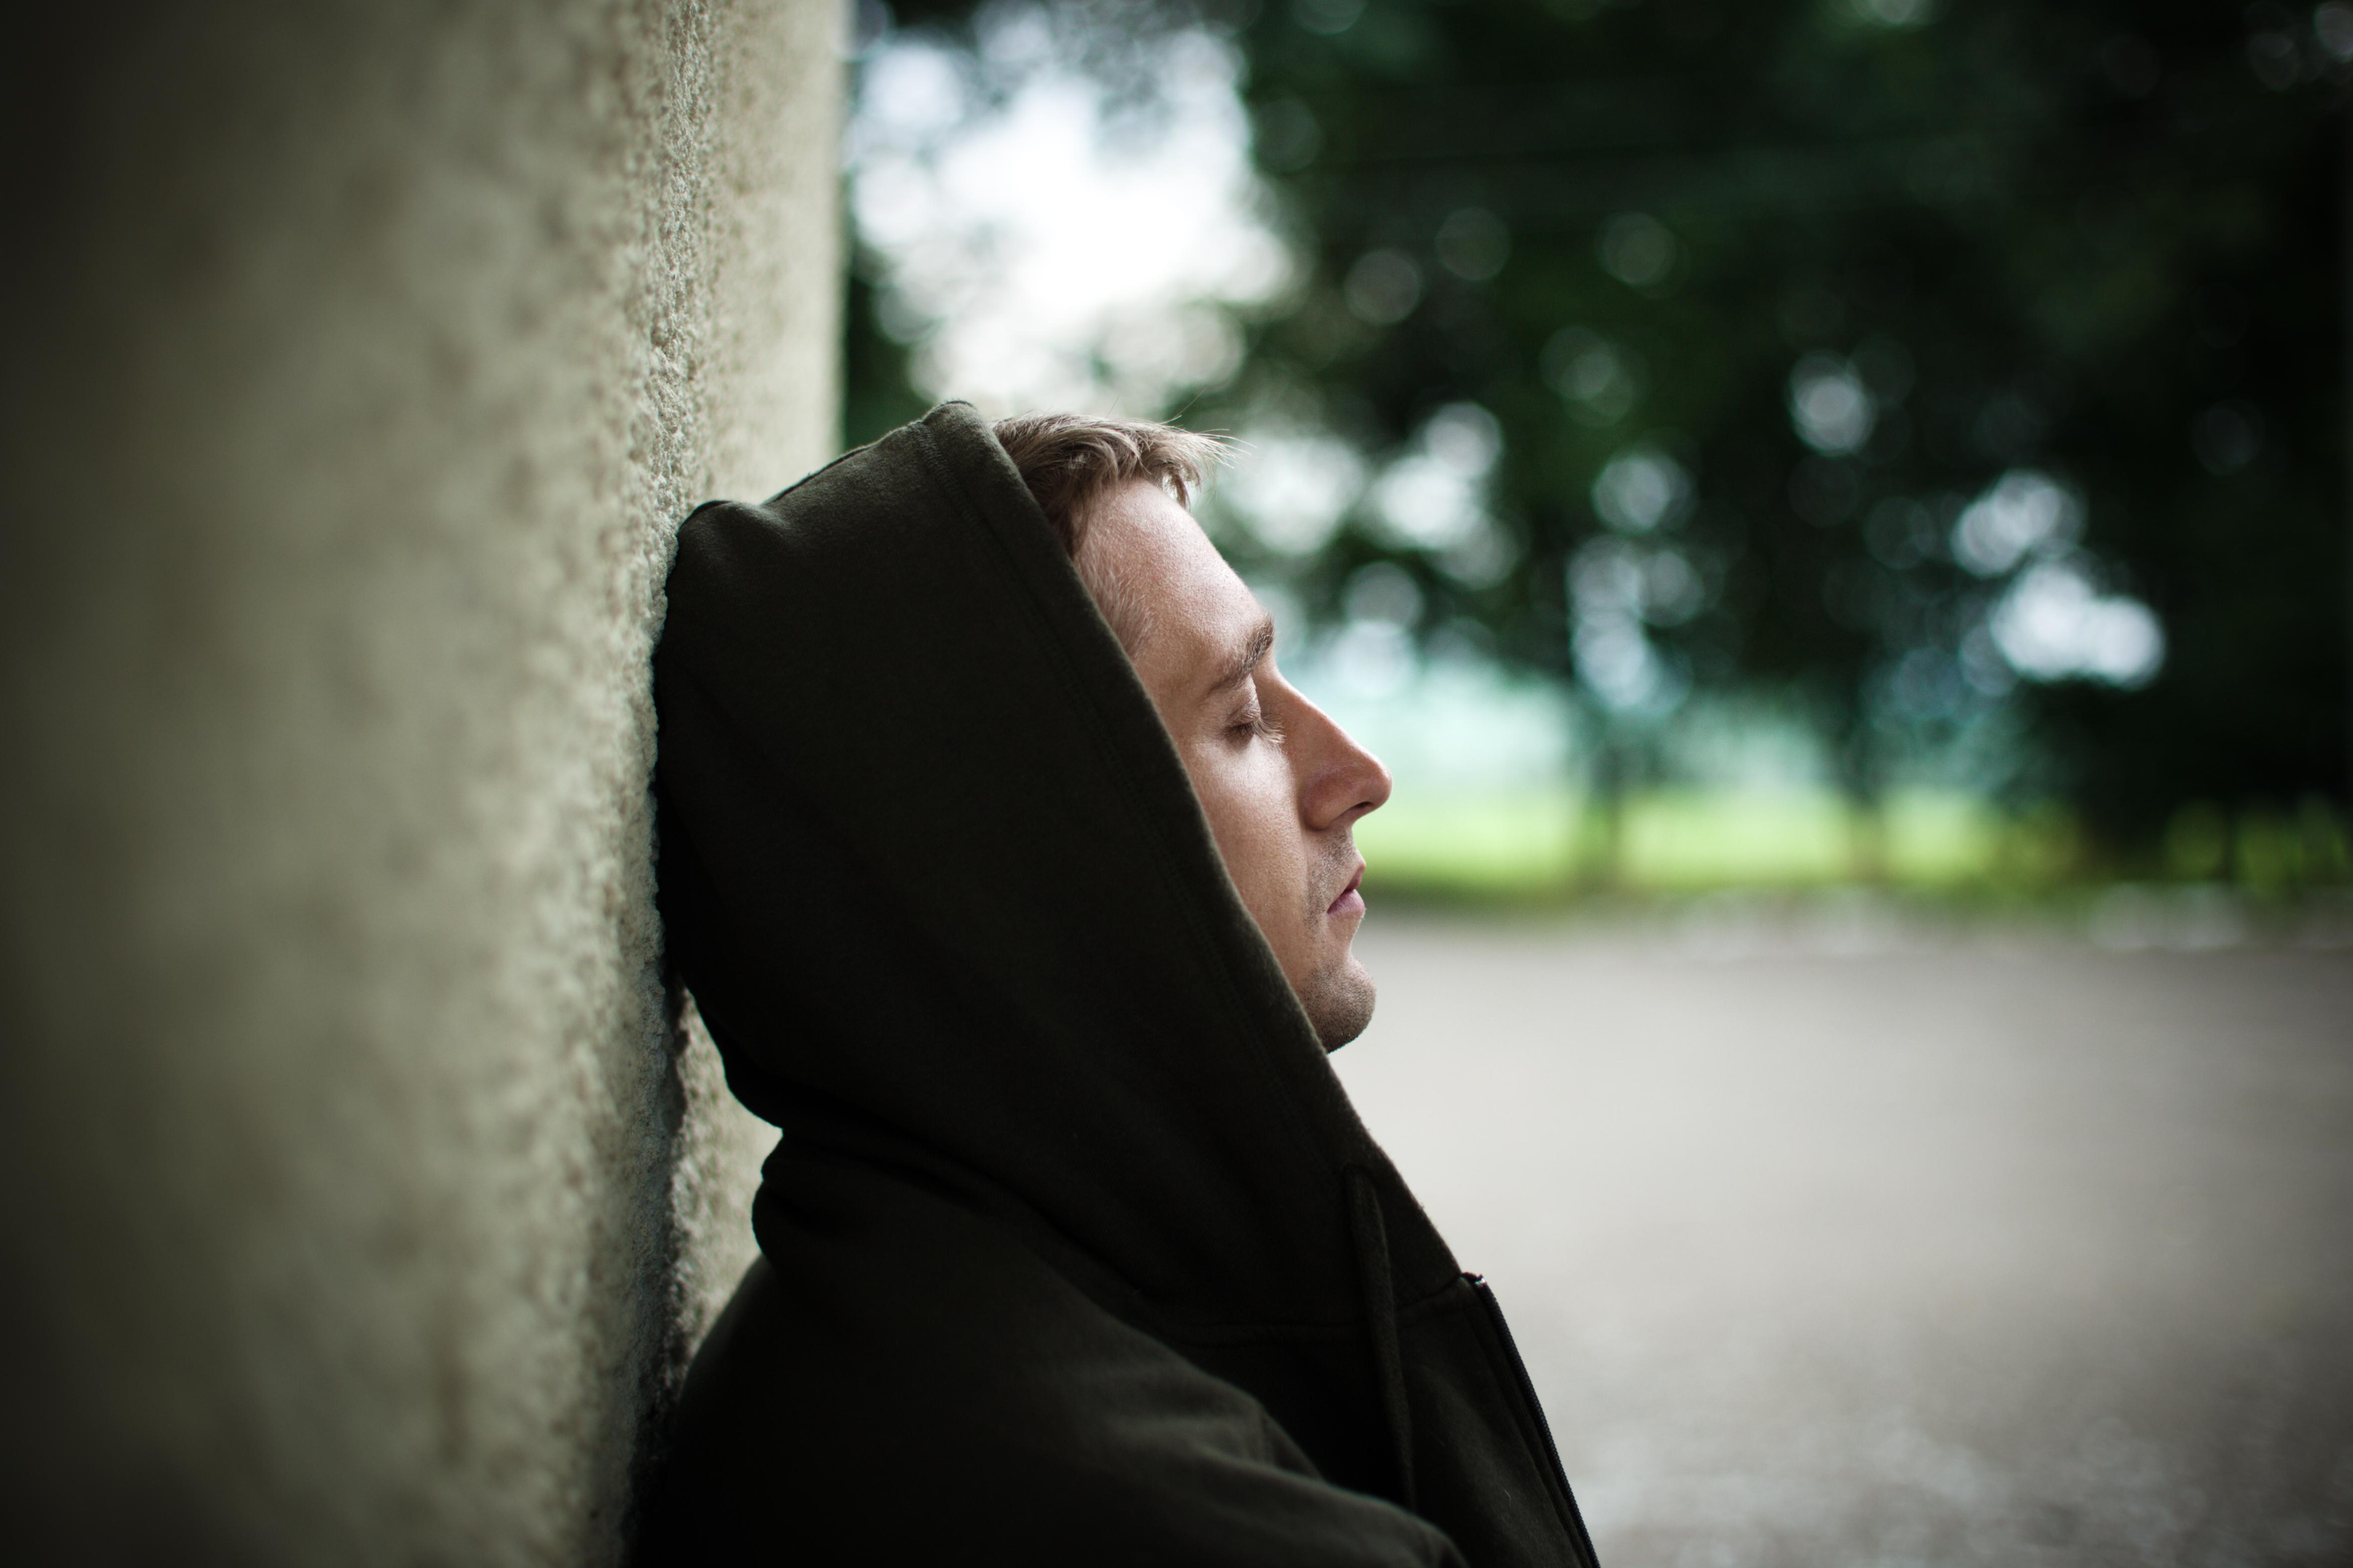 Andelen psykiska sjukdomar motsvarar 40 procent av alla sjukfall och den vanligaste diagnosen är akut stressreaktion.